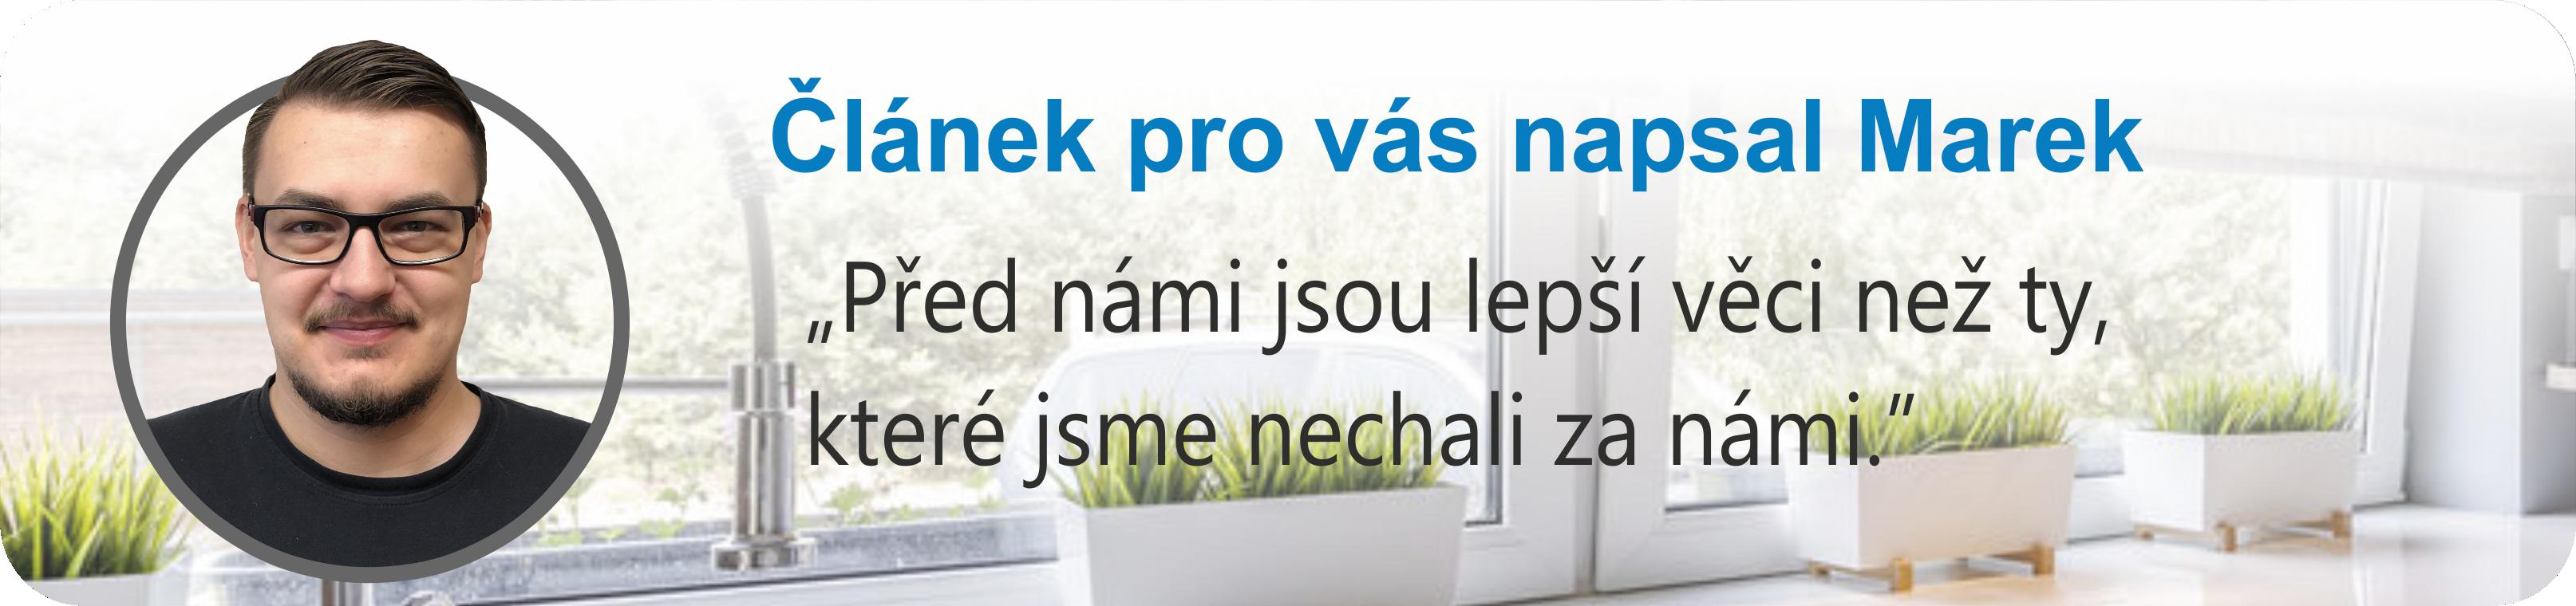 Patička-článku-Marek2